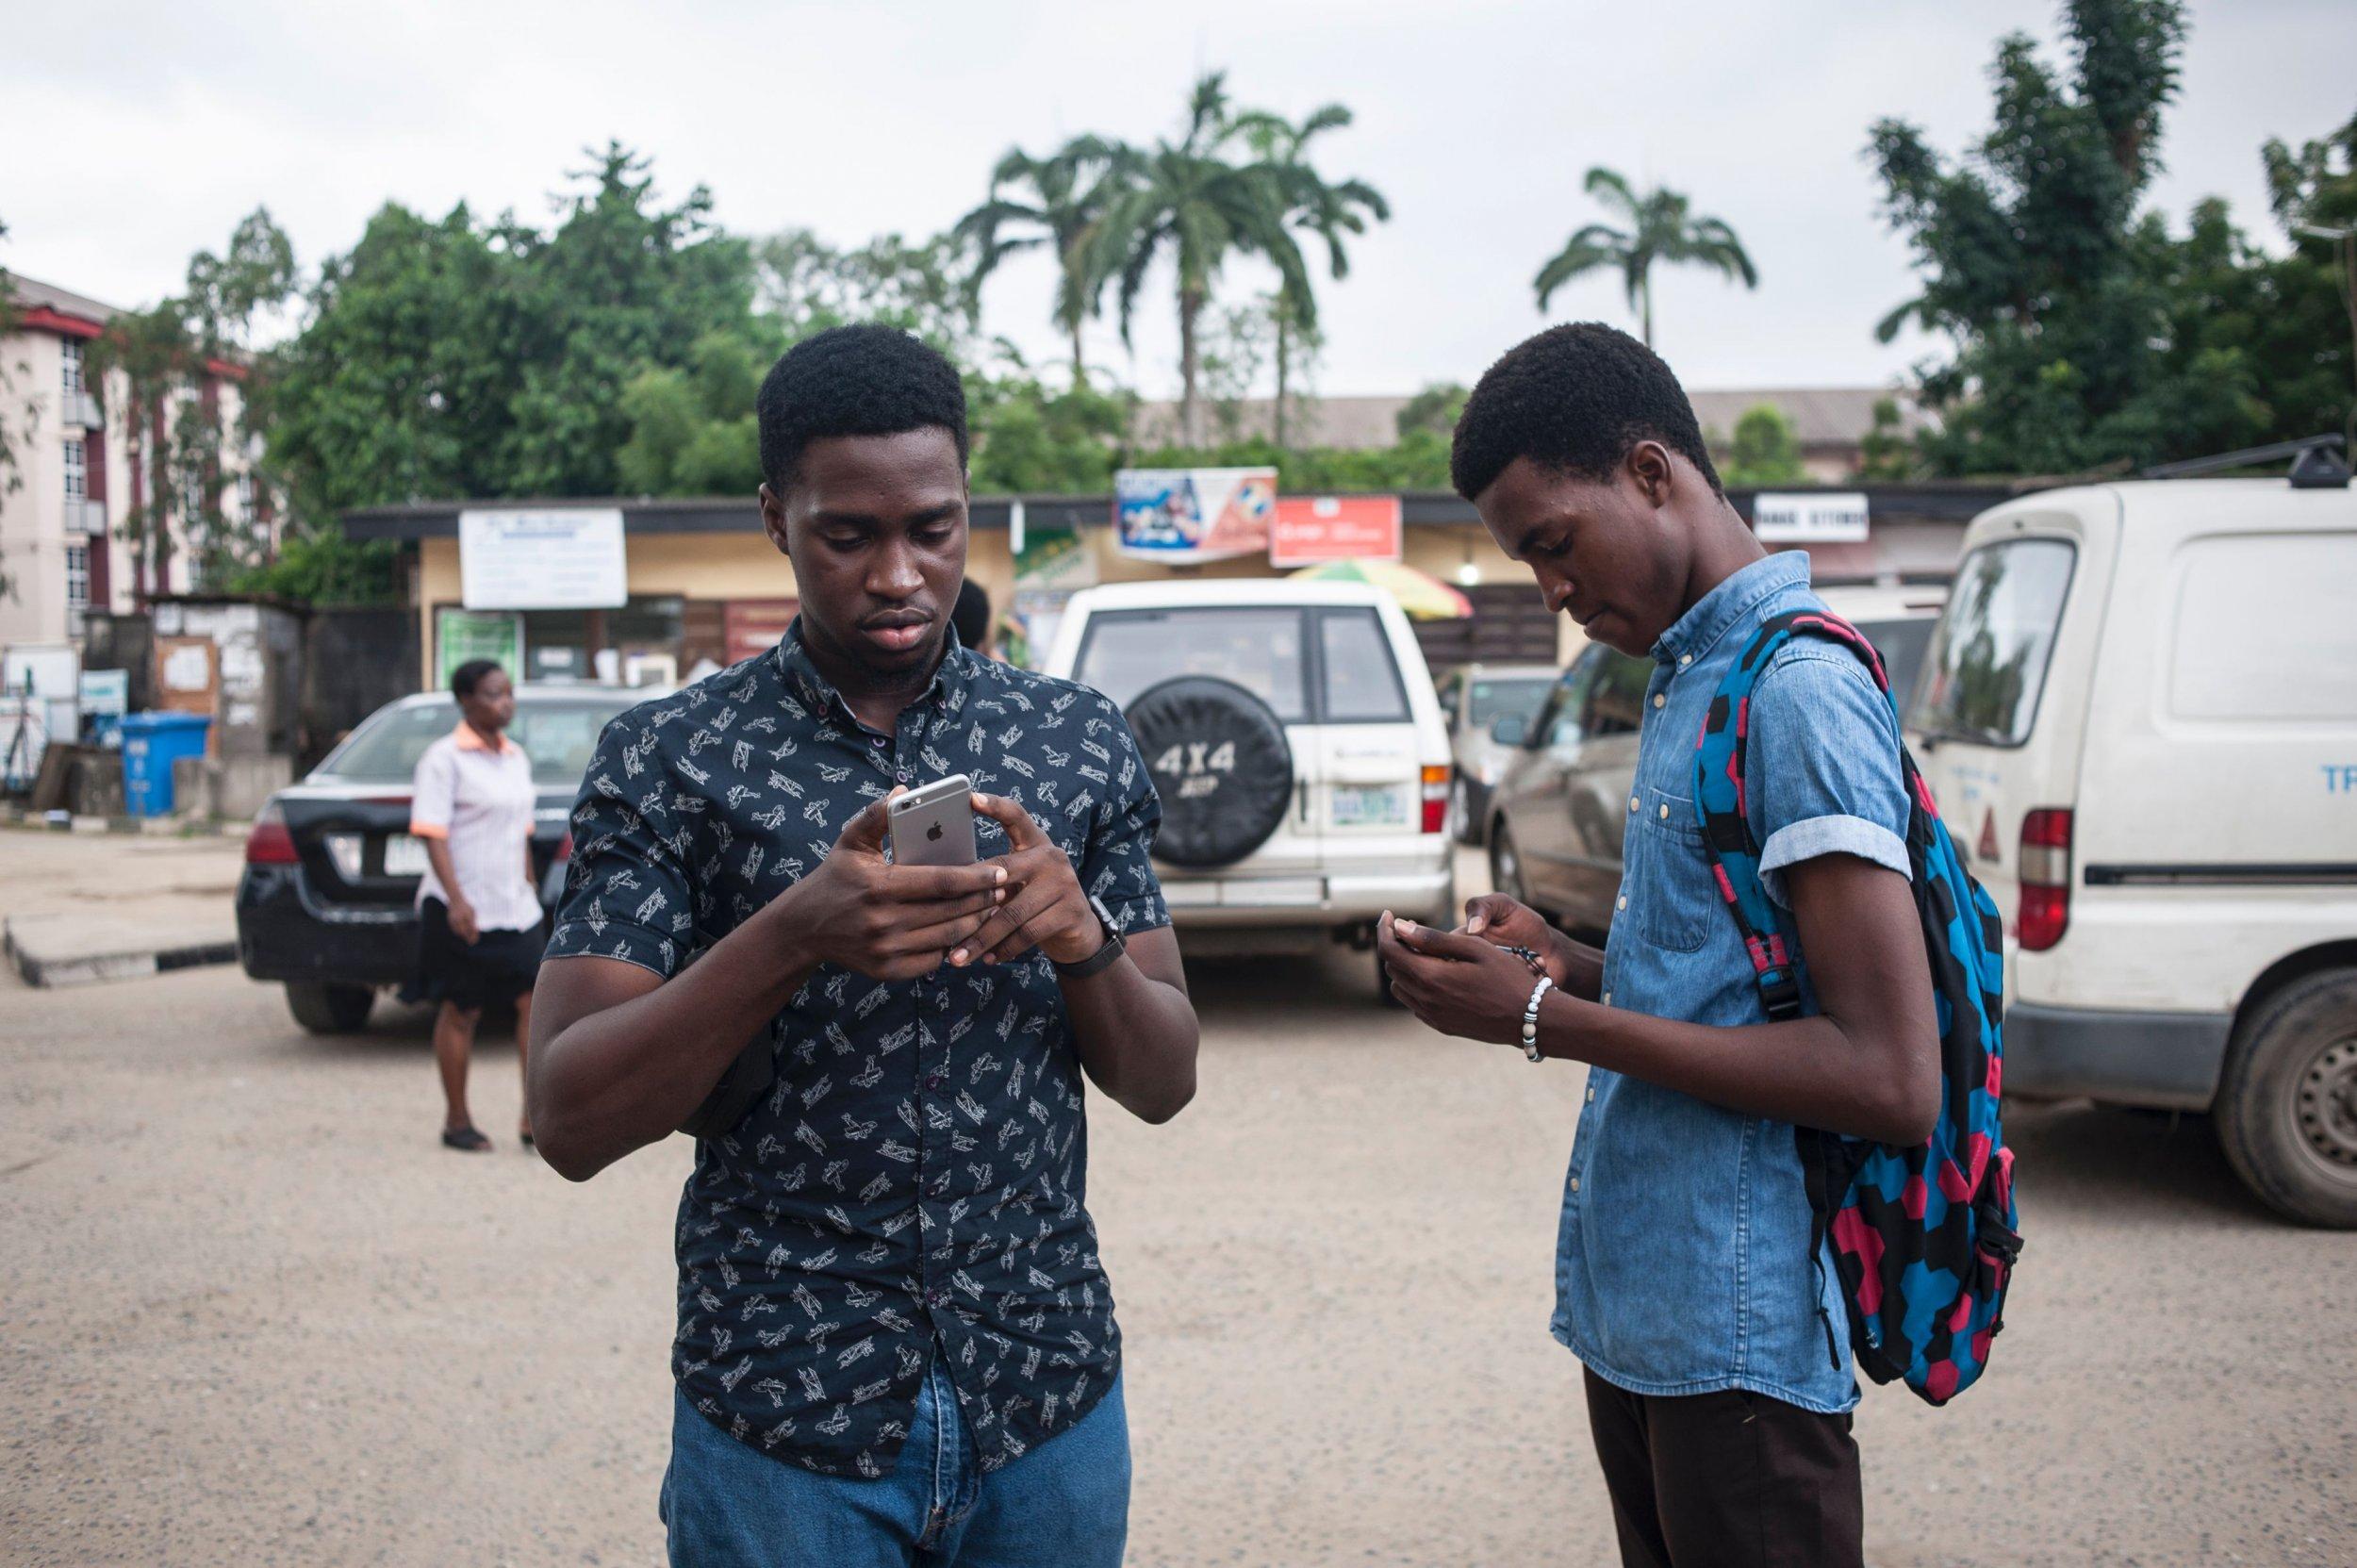 Nigerian students smartphones